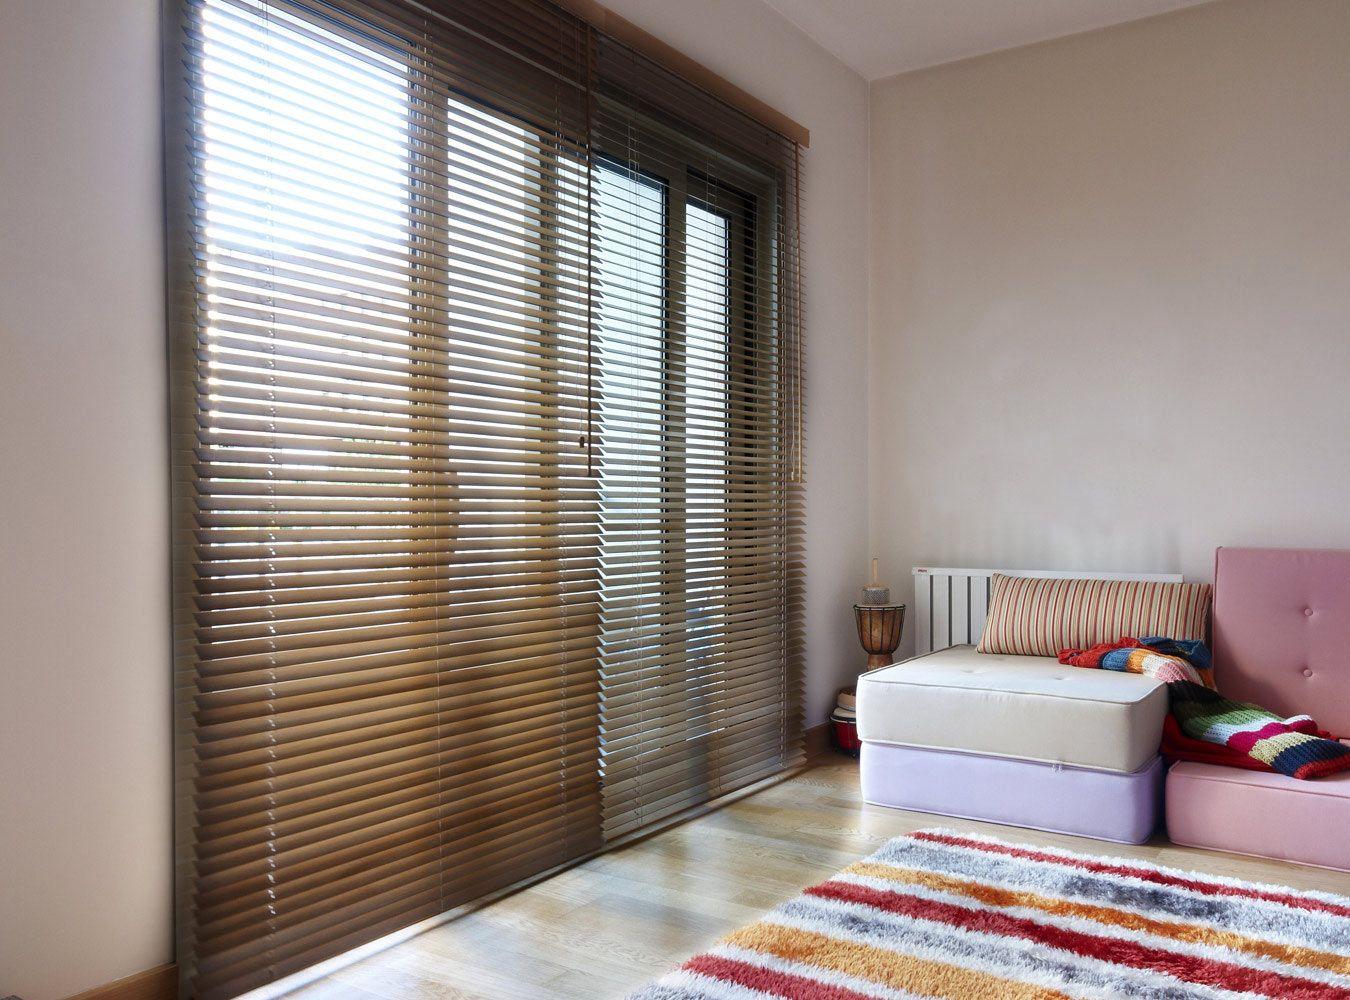 Houten Jaloezieen Woonkamer : Houten jaloezieën woonkamer raamdecoratie in